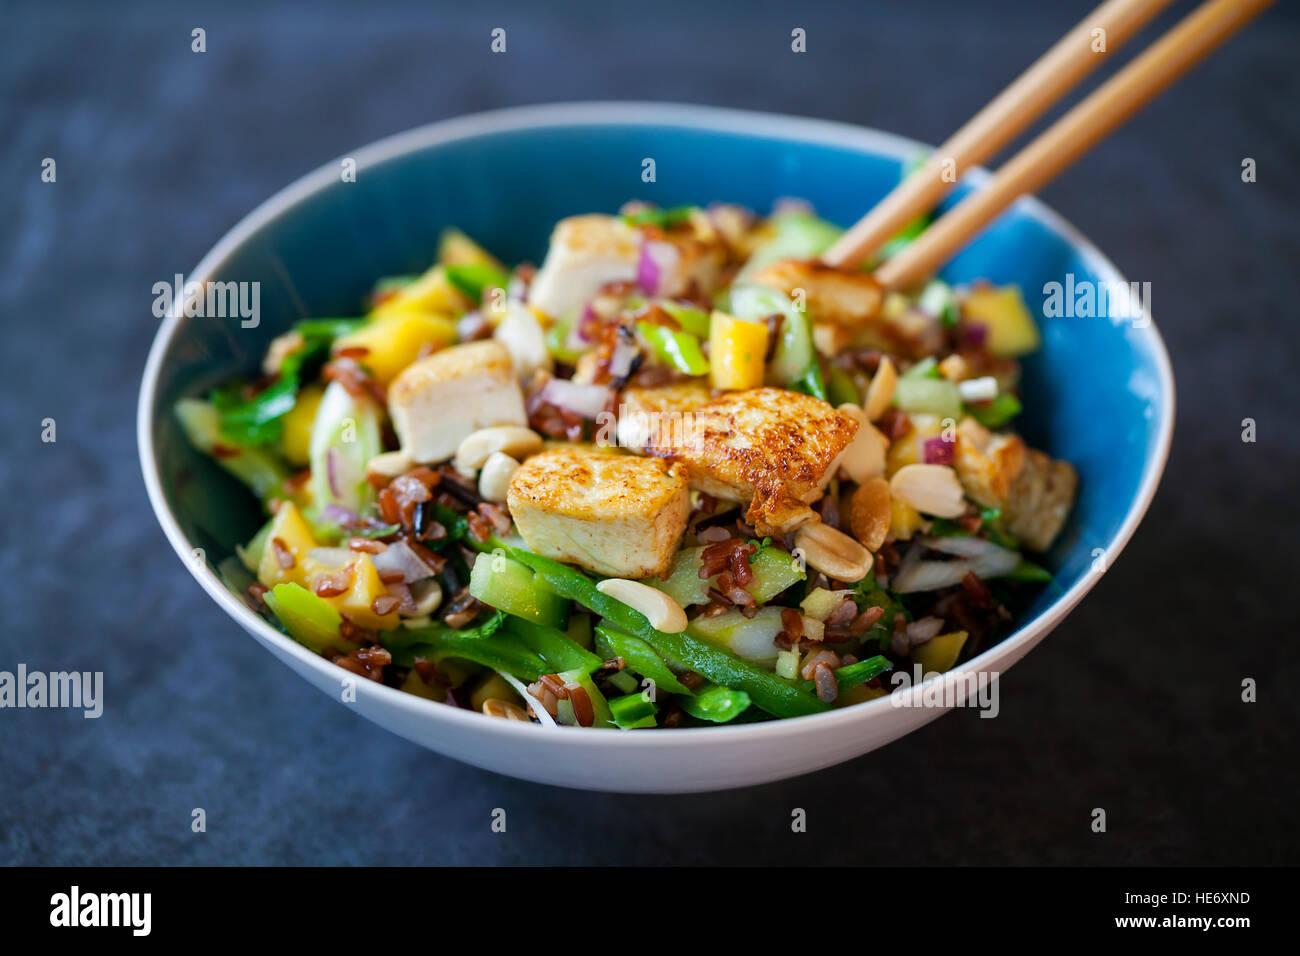 Salade de tofu Vegan Photo Stock